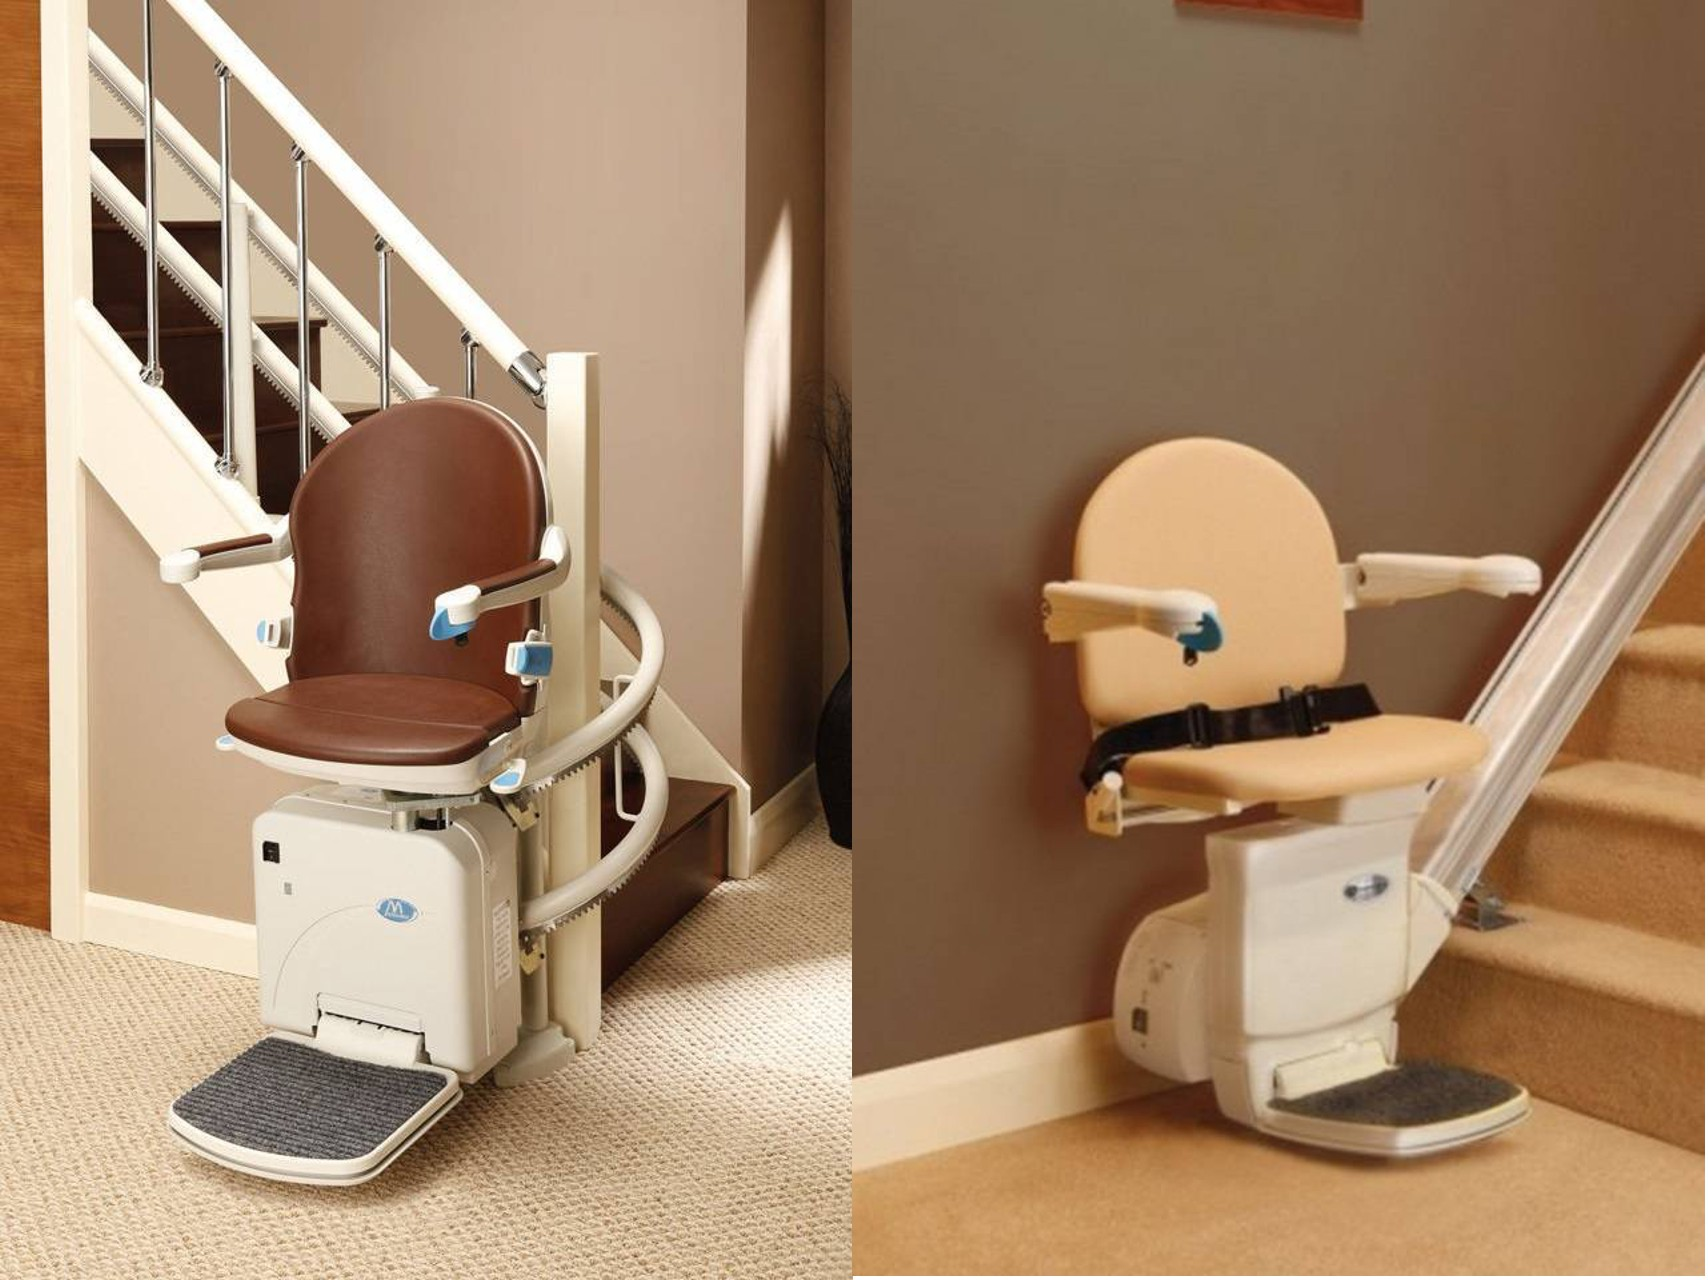 Immagine di 2 modelli di montascale per disabili e anziani for Montascale per disabili verona